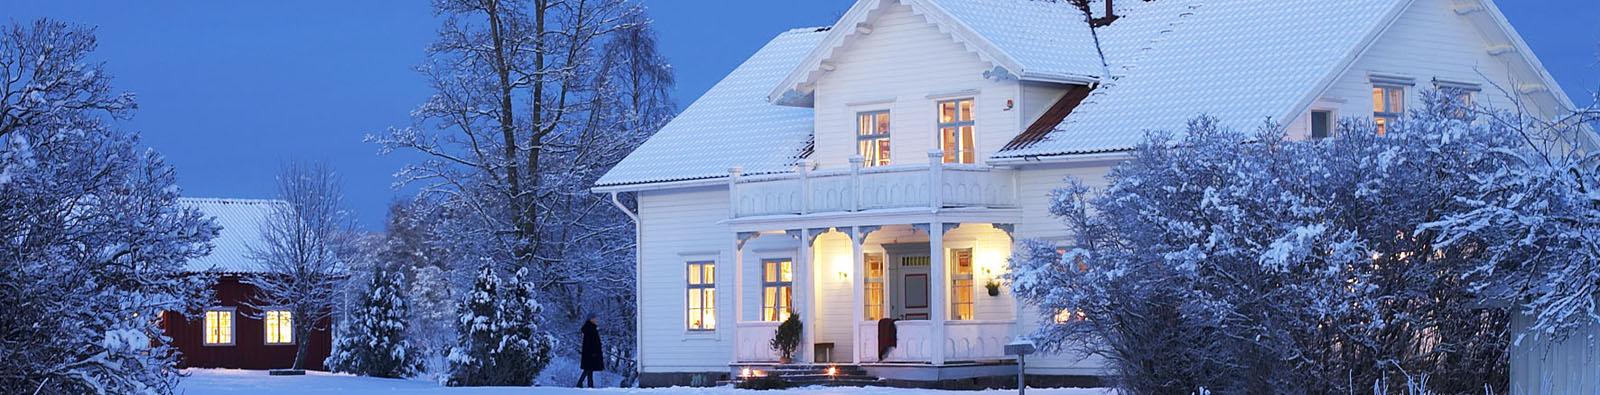 011207 -Torsby / Foto Christer Hšglund / SahlstršmsgŒrden i Utterbyn utanfšr Torsby i vinterskrud